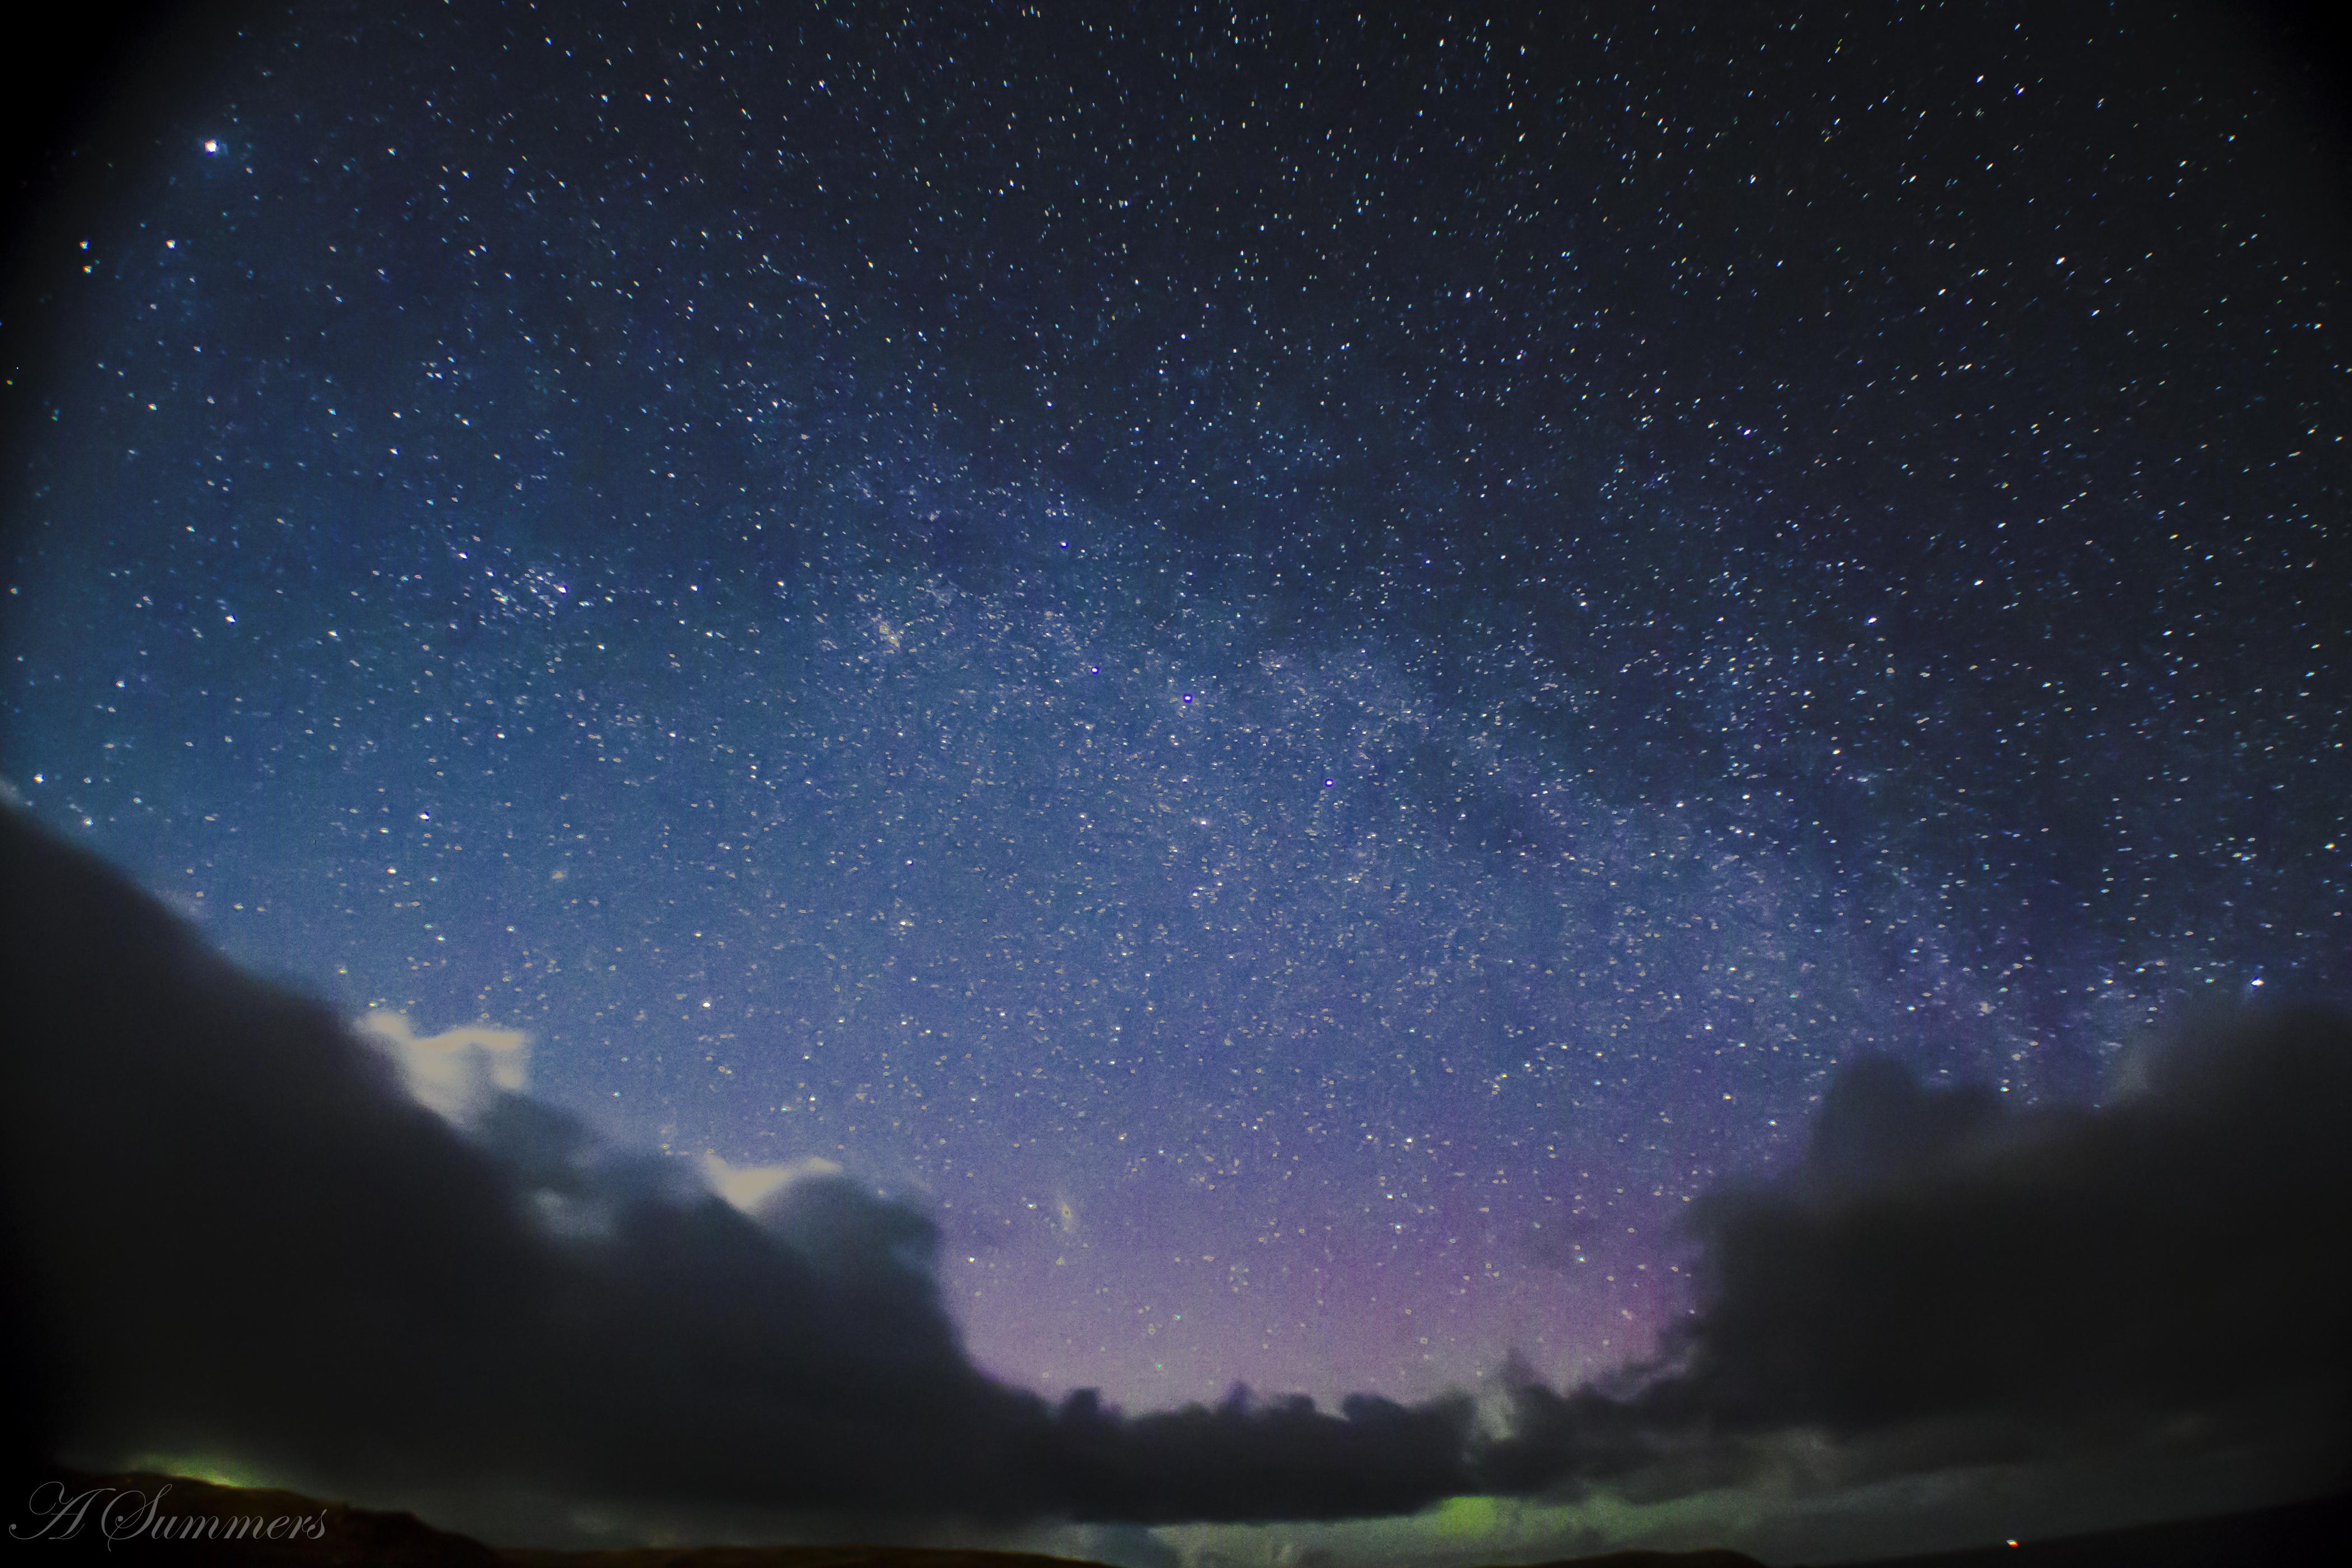 Download 66 Koleksi Wallpaper Pemandangan Bintang Gambar Gratis Terbaru